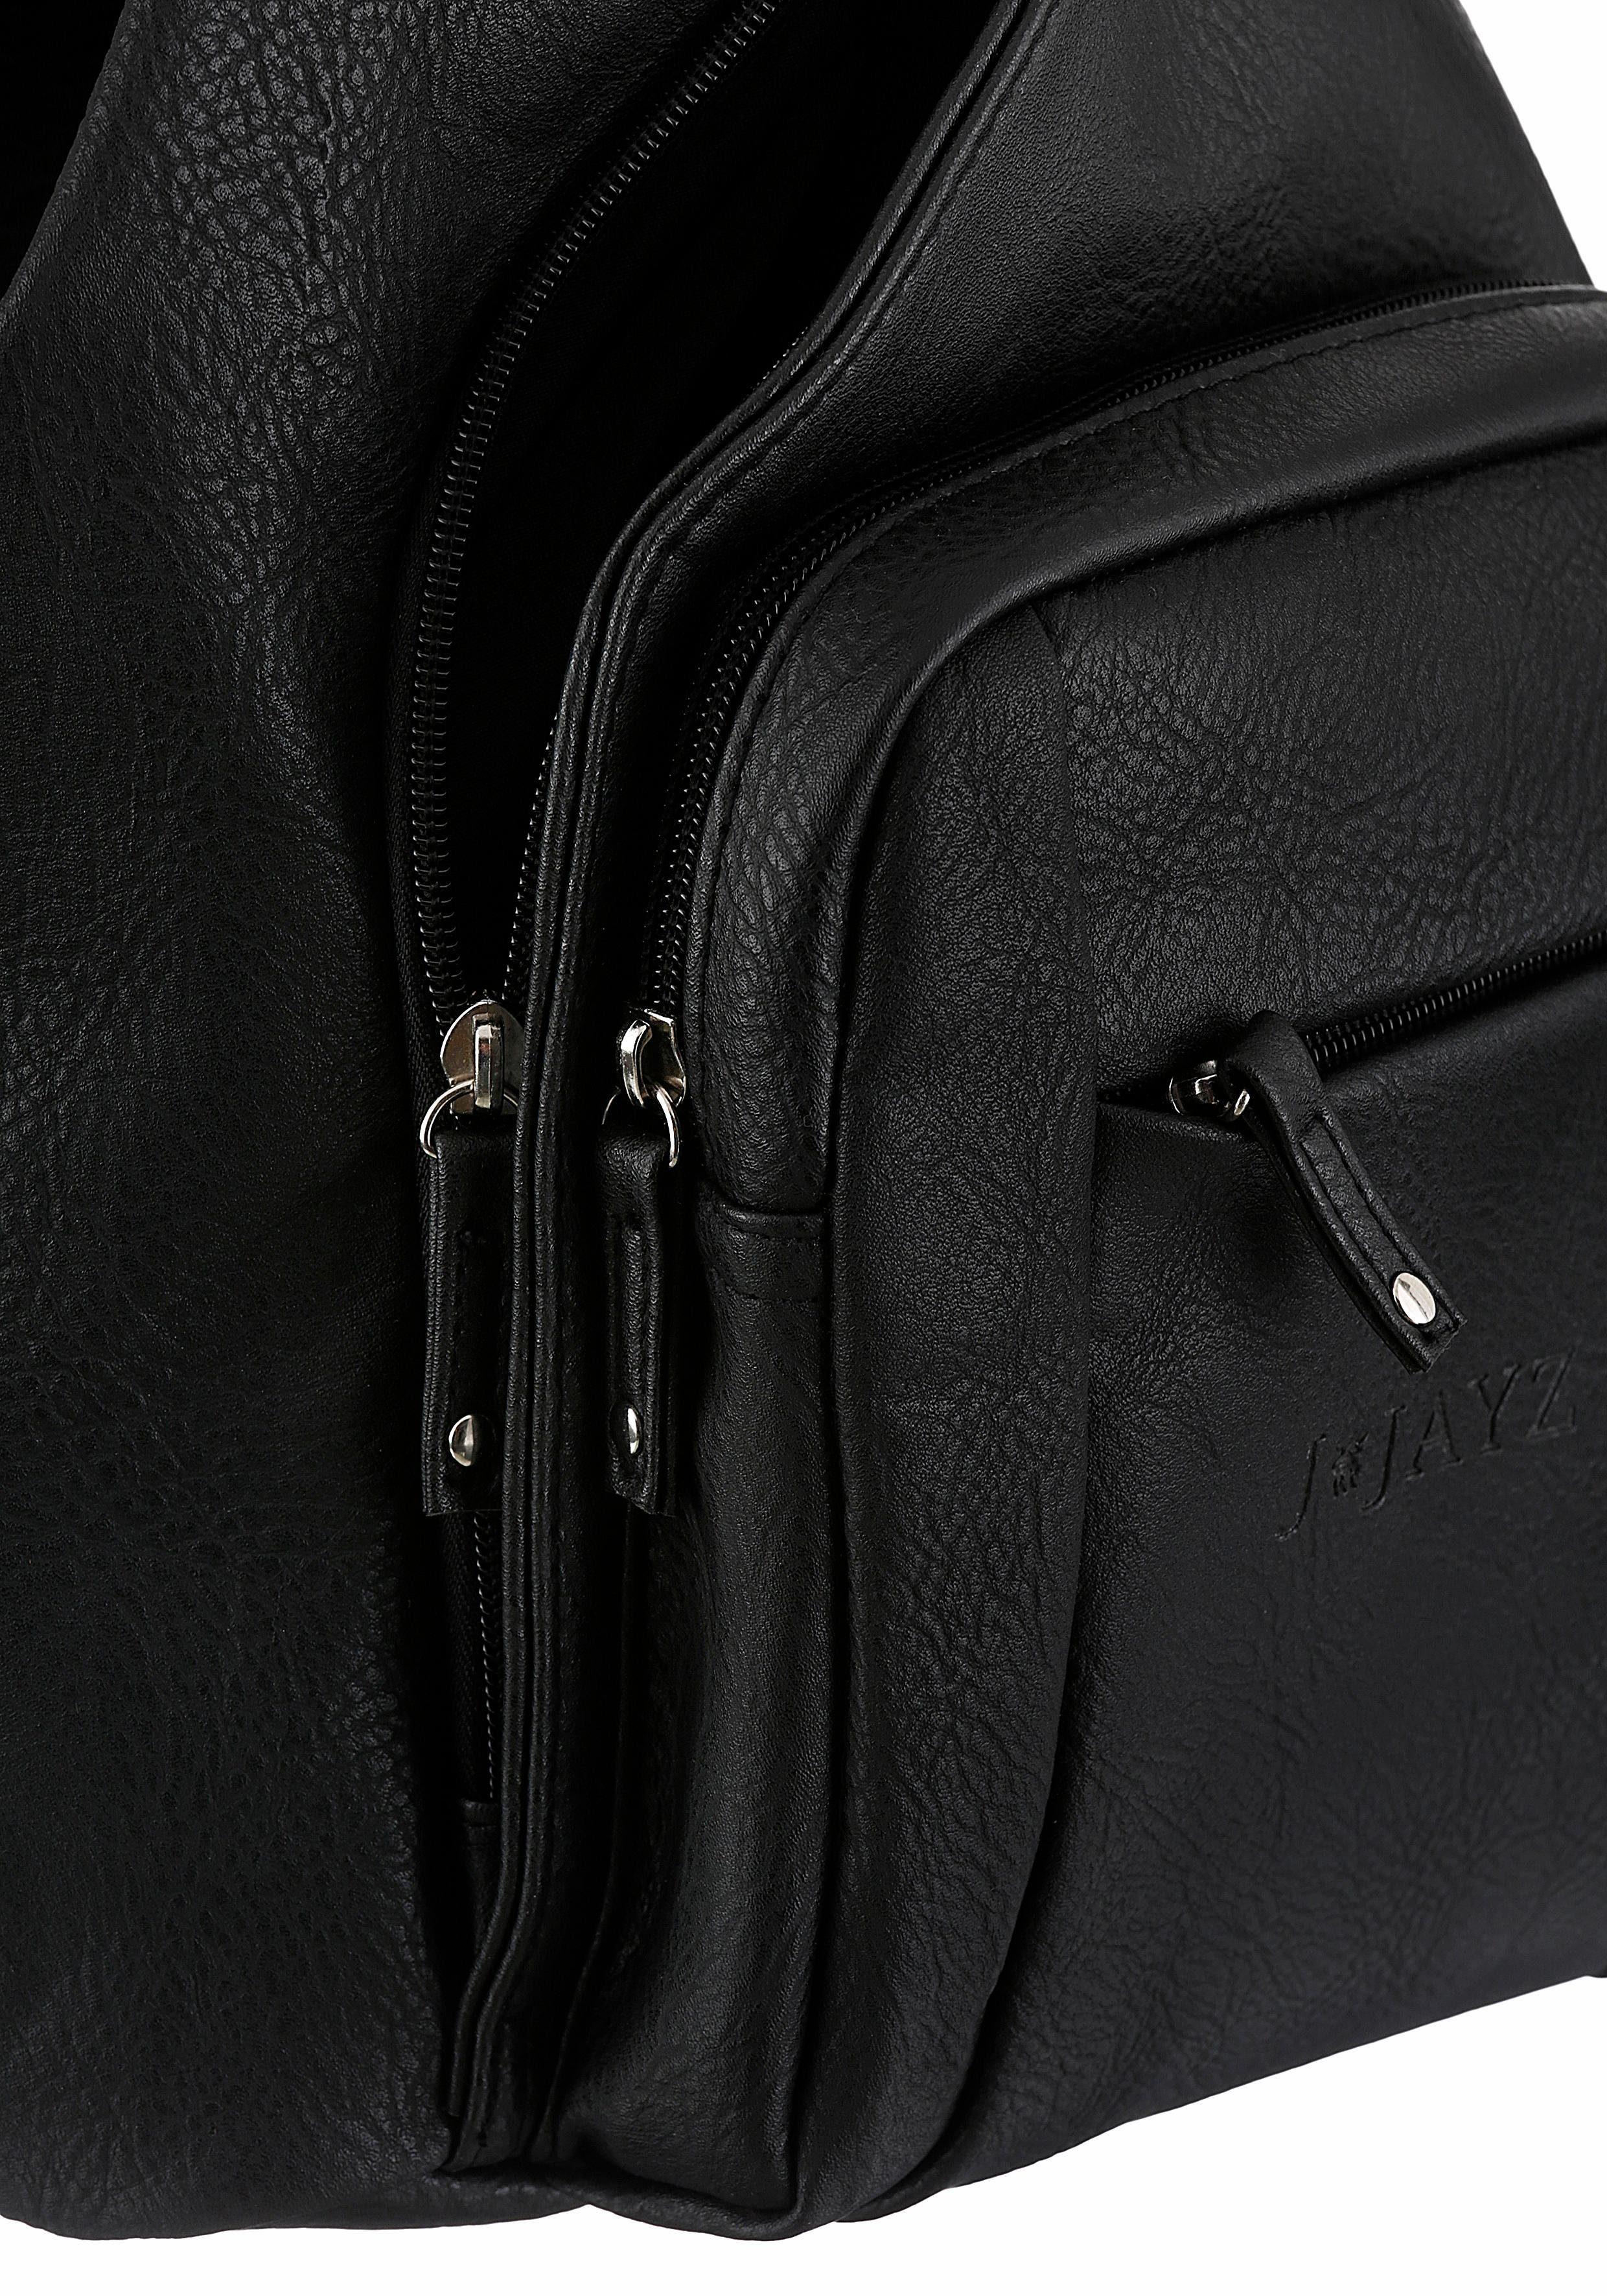 J Cityrucksack Mit jayz Reißverschluss Teilbar Schulteriemen Verstellbaren Zr0Zw